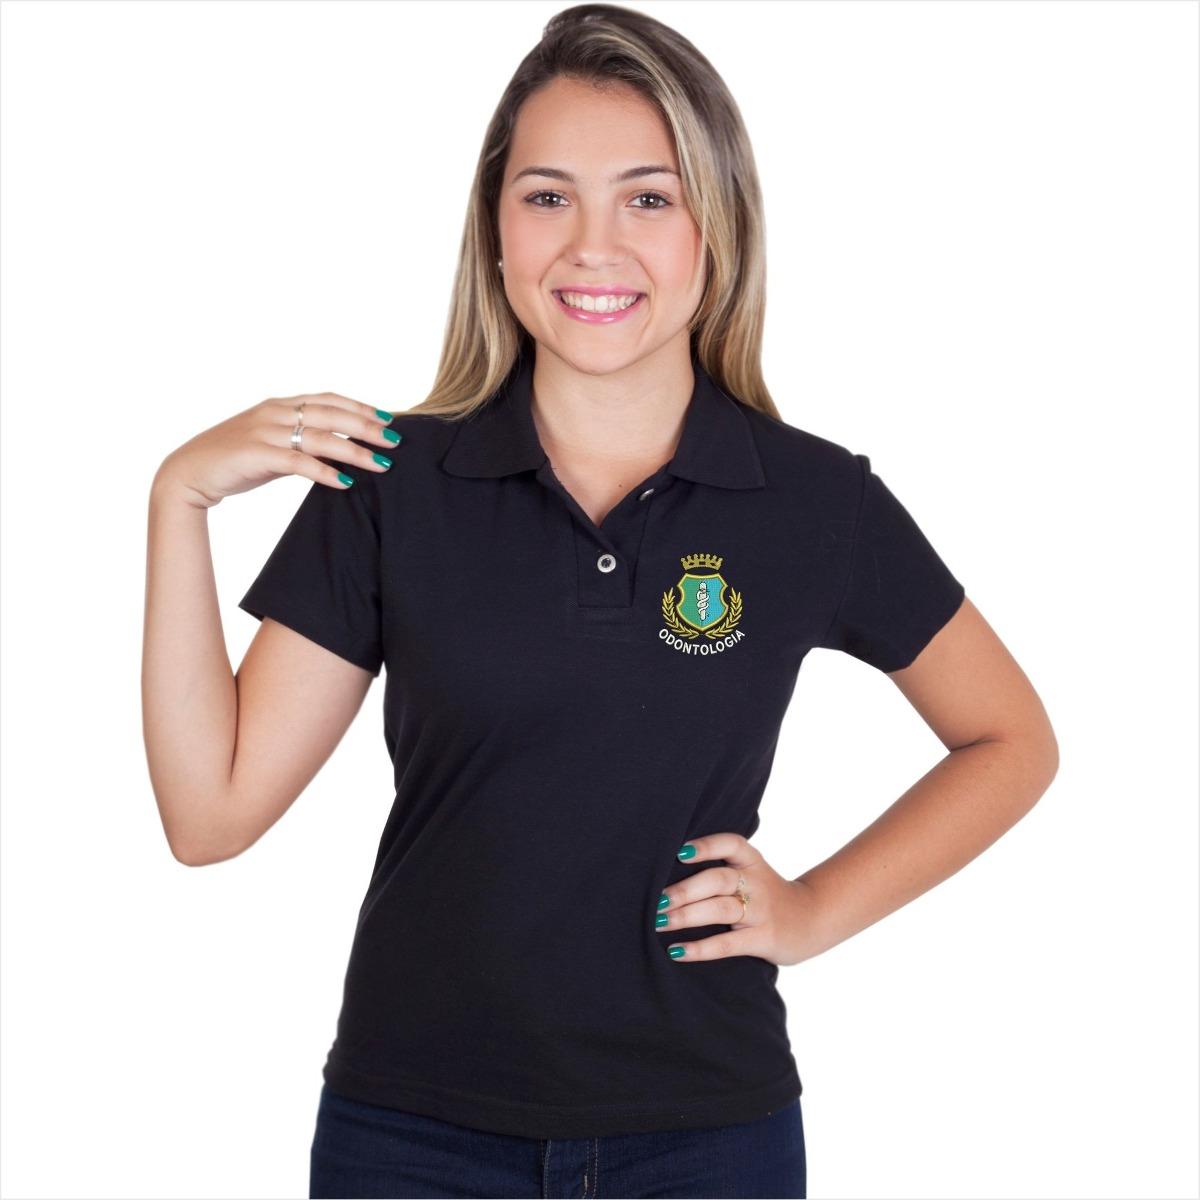 Camisa Gola Polo Odontologia - 7 5b658c905e5d4